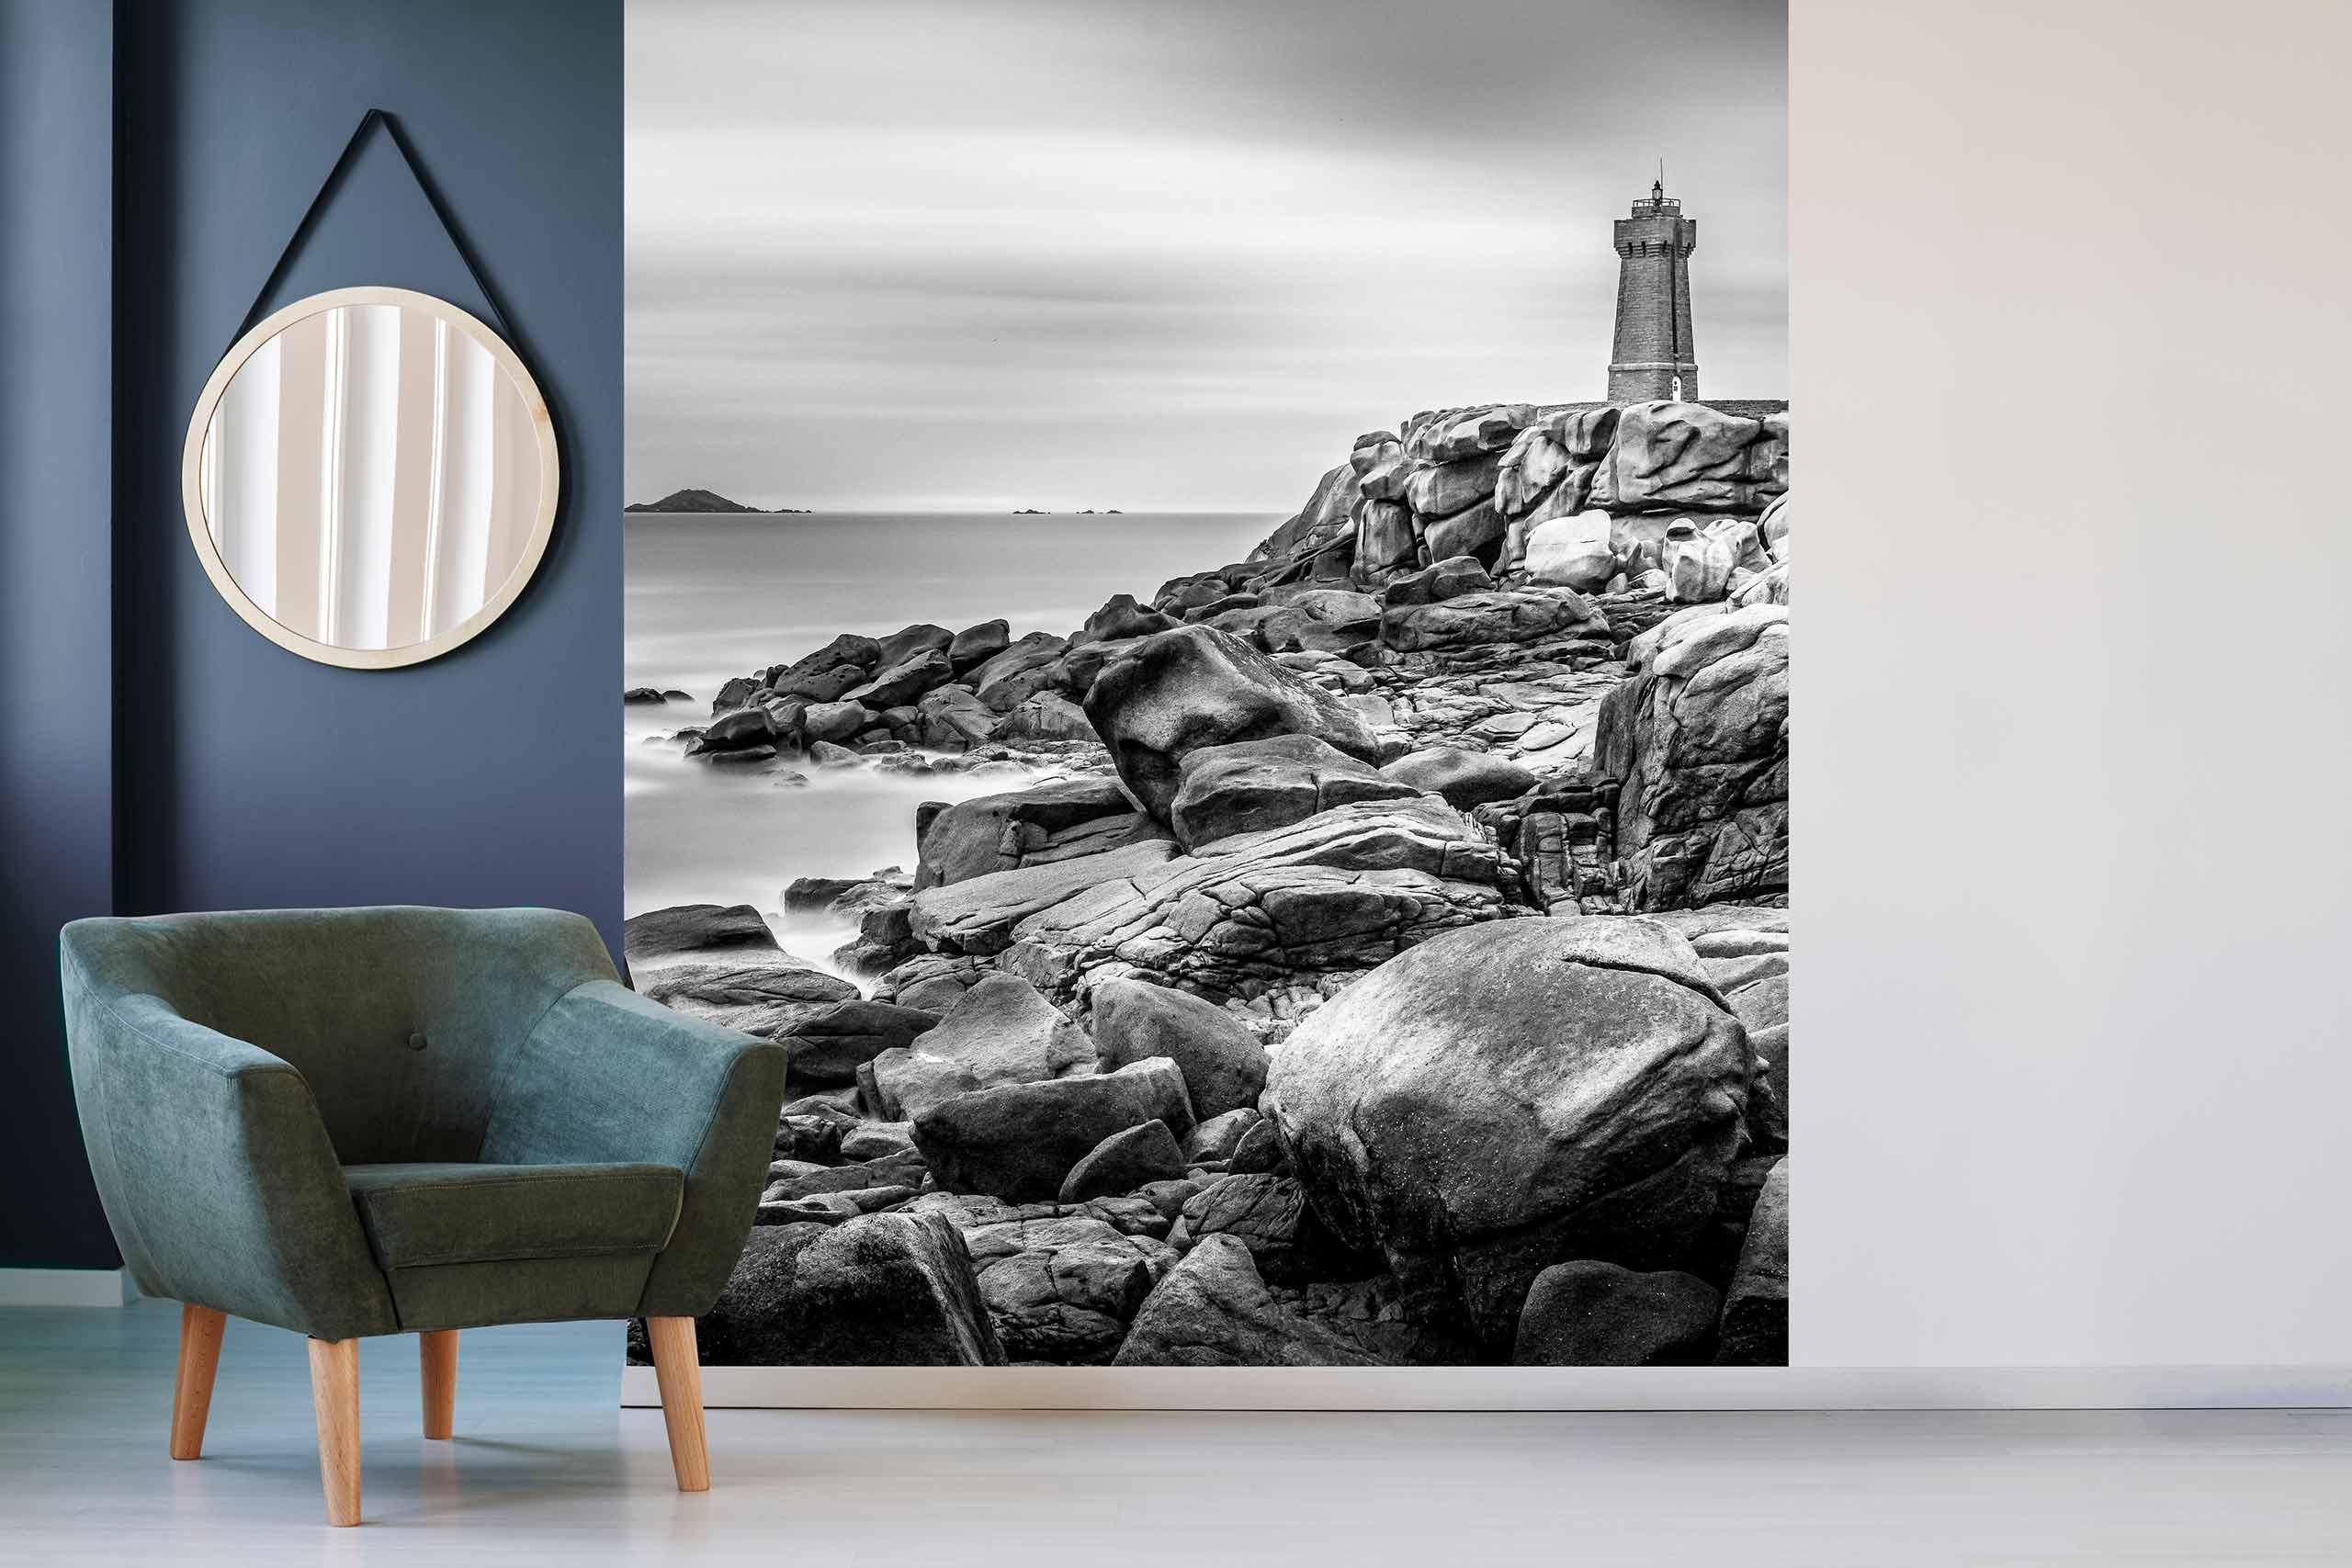 Vlies Tapete 225 Fototapete Höhe 250cm Motiv 119 Leuchtturm Schwarz-Weiß